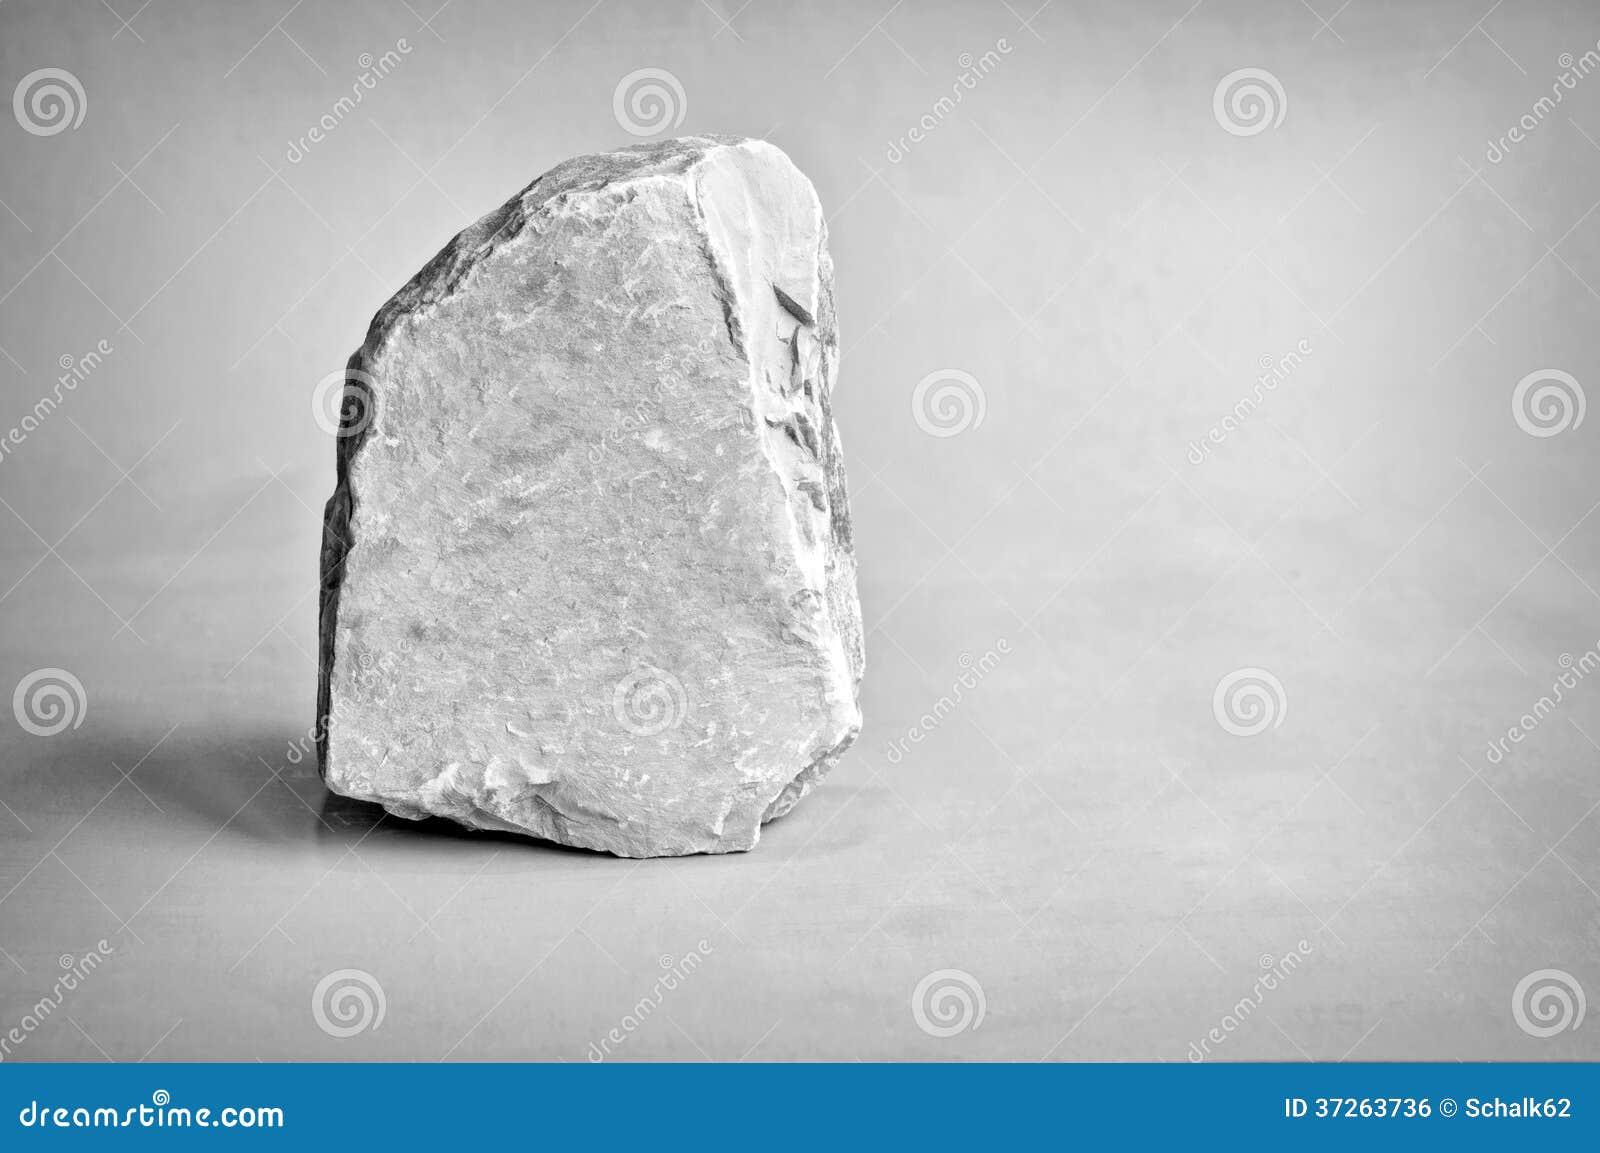 Piedra caliza mono for Piedra caliza gris